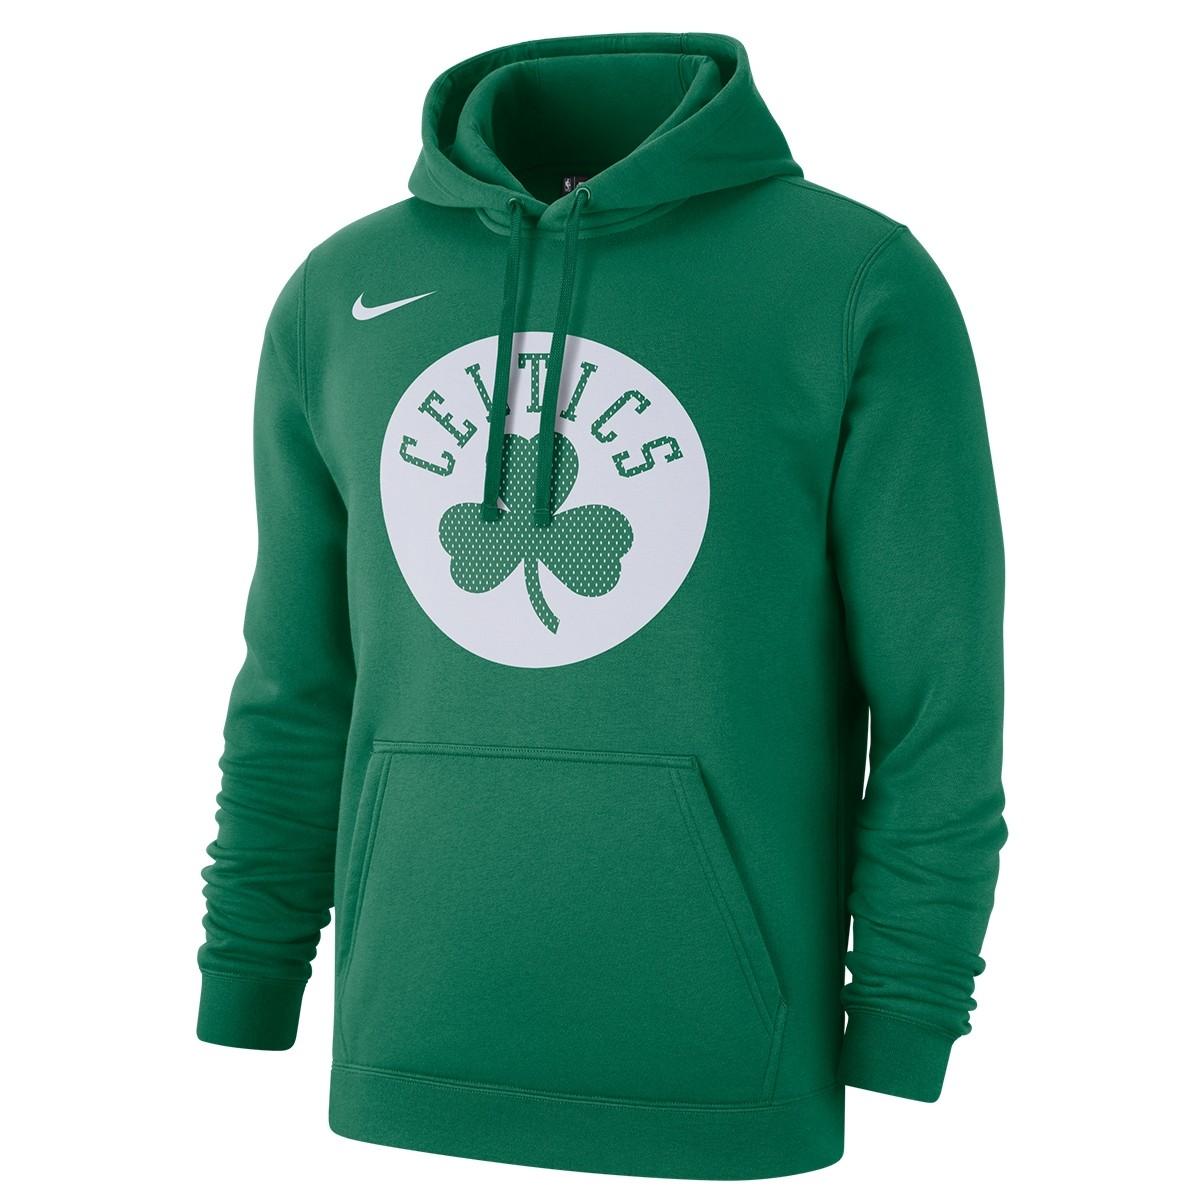 Nike NBA Hoodie 'Celtics'